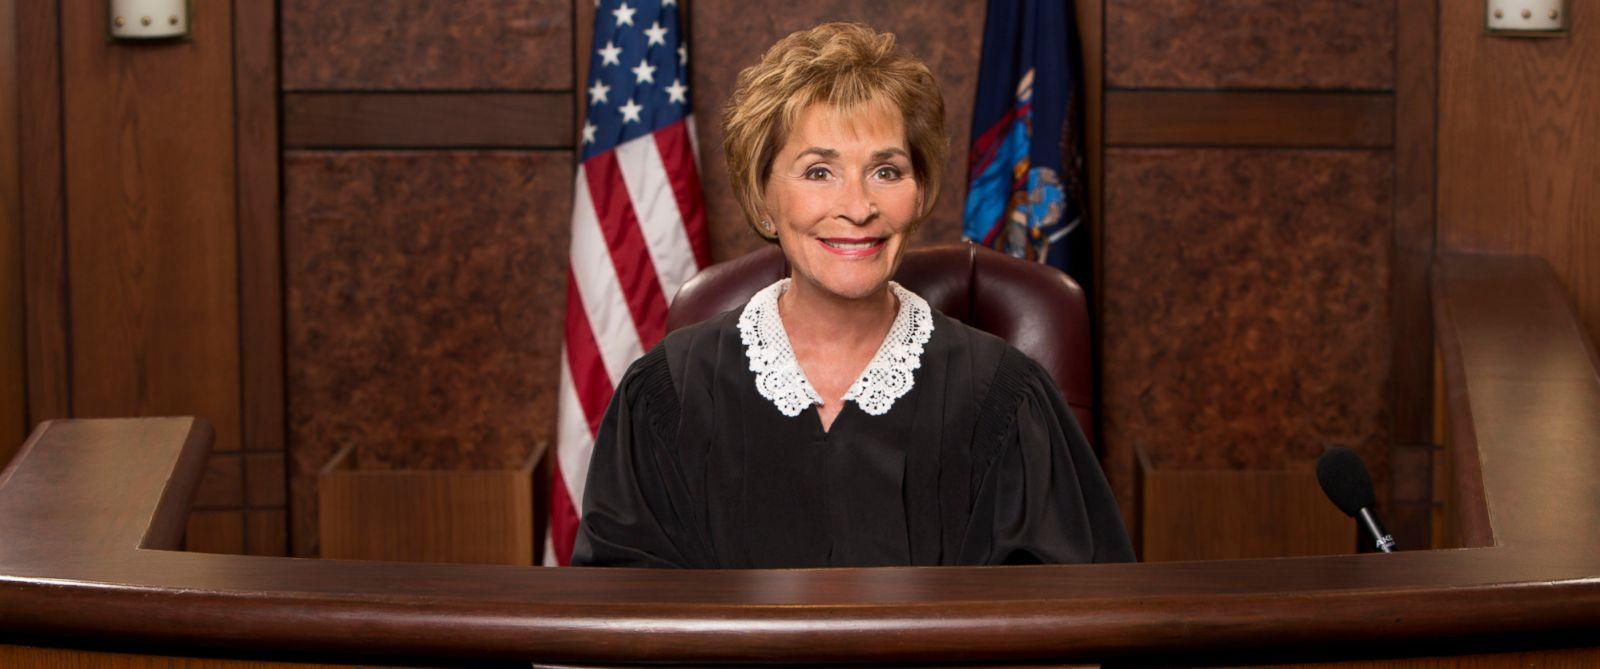 watch judge judy live online